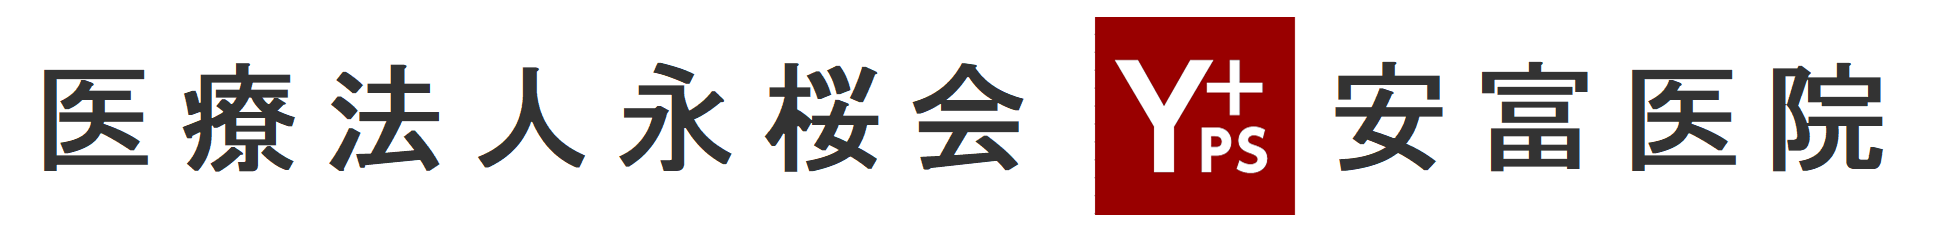 医療法人永桜会 安富医院|常滑市 大野町 内科 腎臓内科 糖尿病内科 リウマチ科